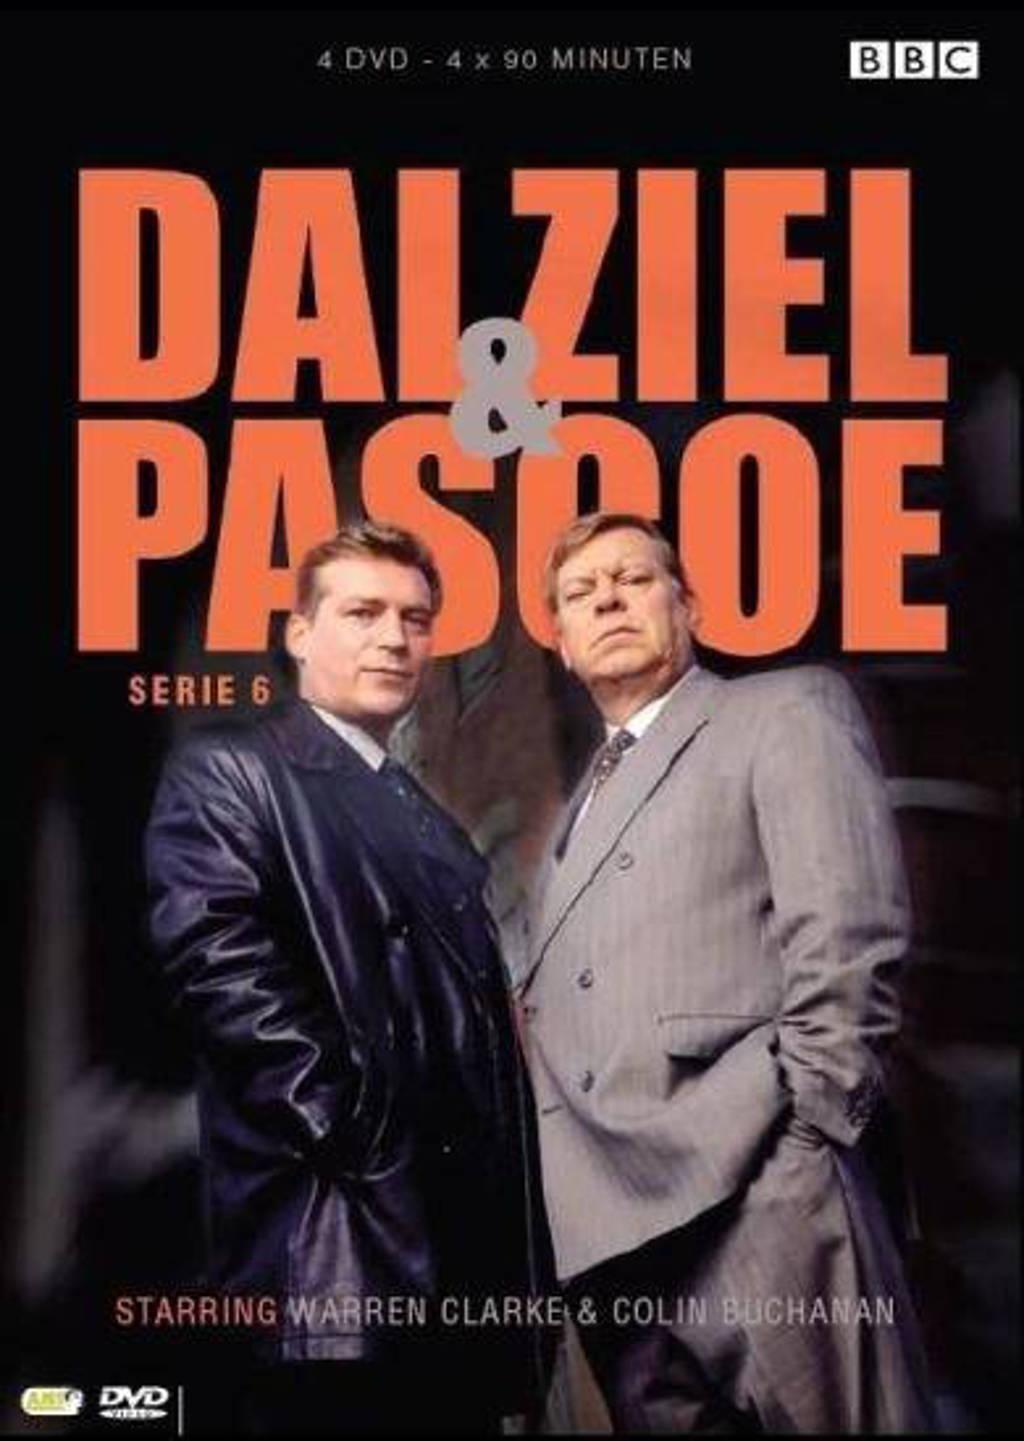 Dalziel & Pascoe - Seizoen 6 (DVD)